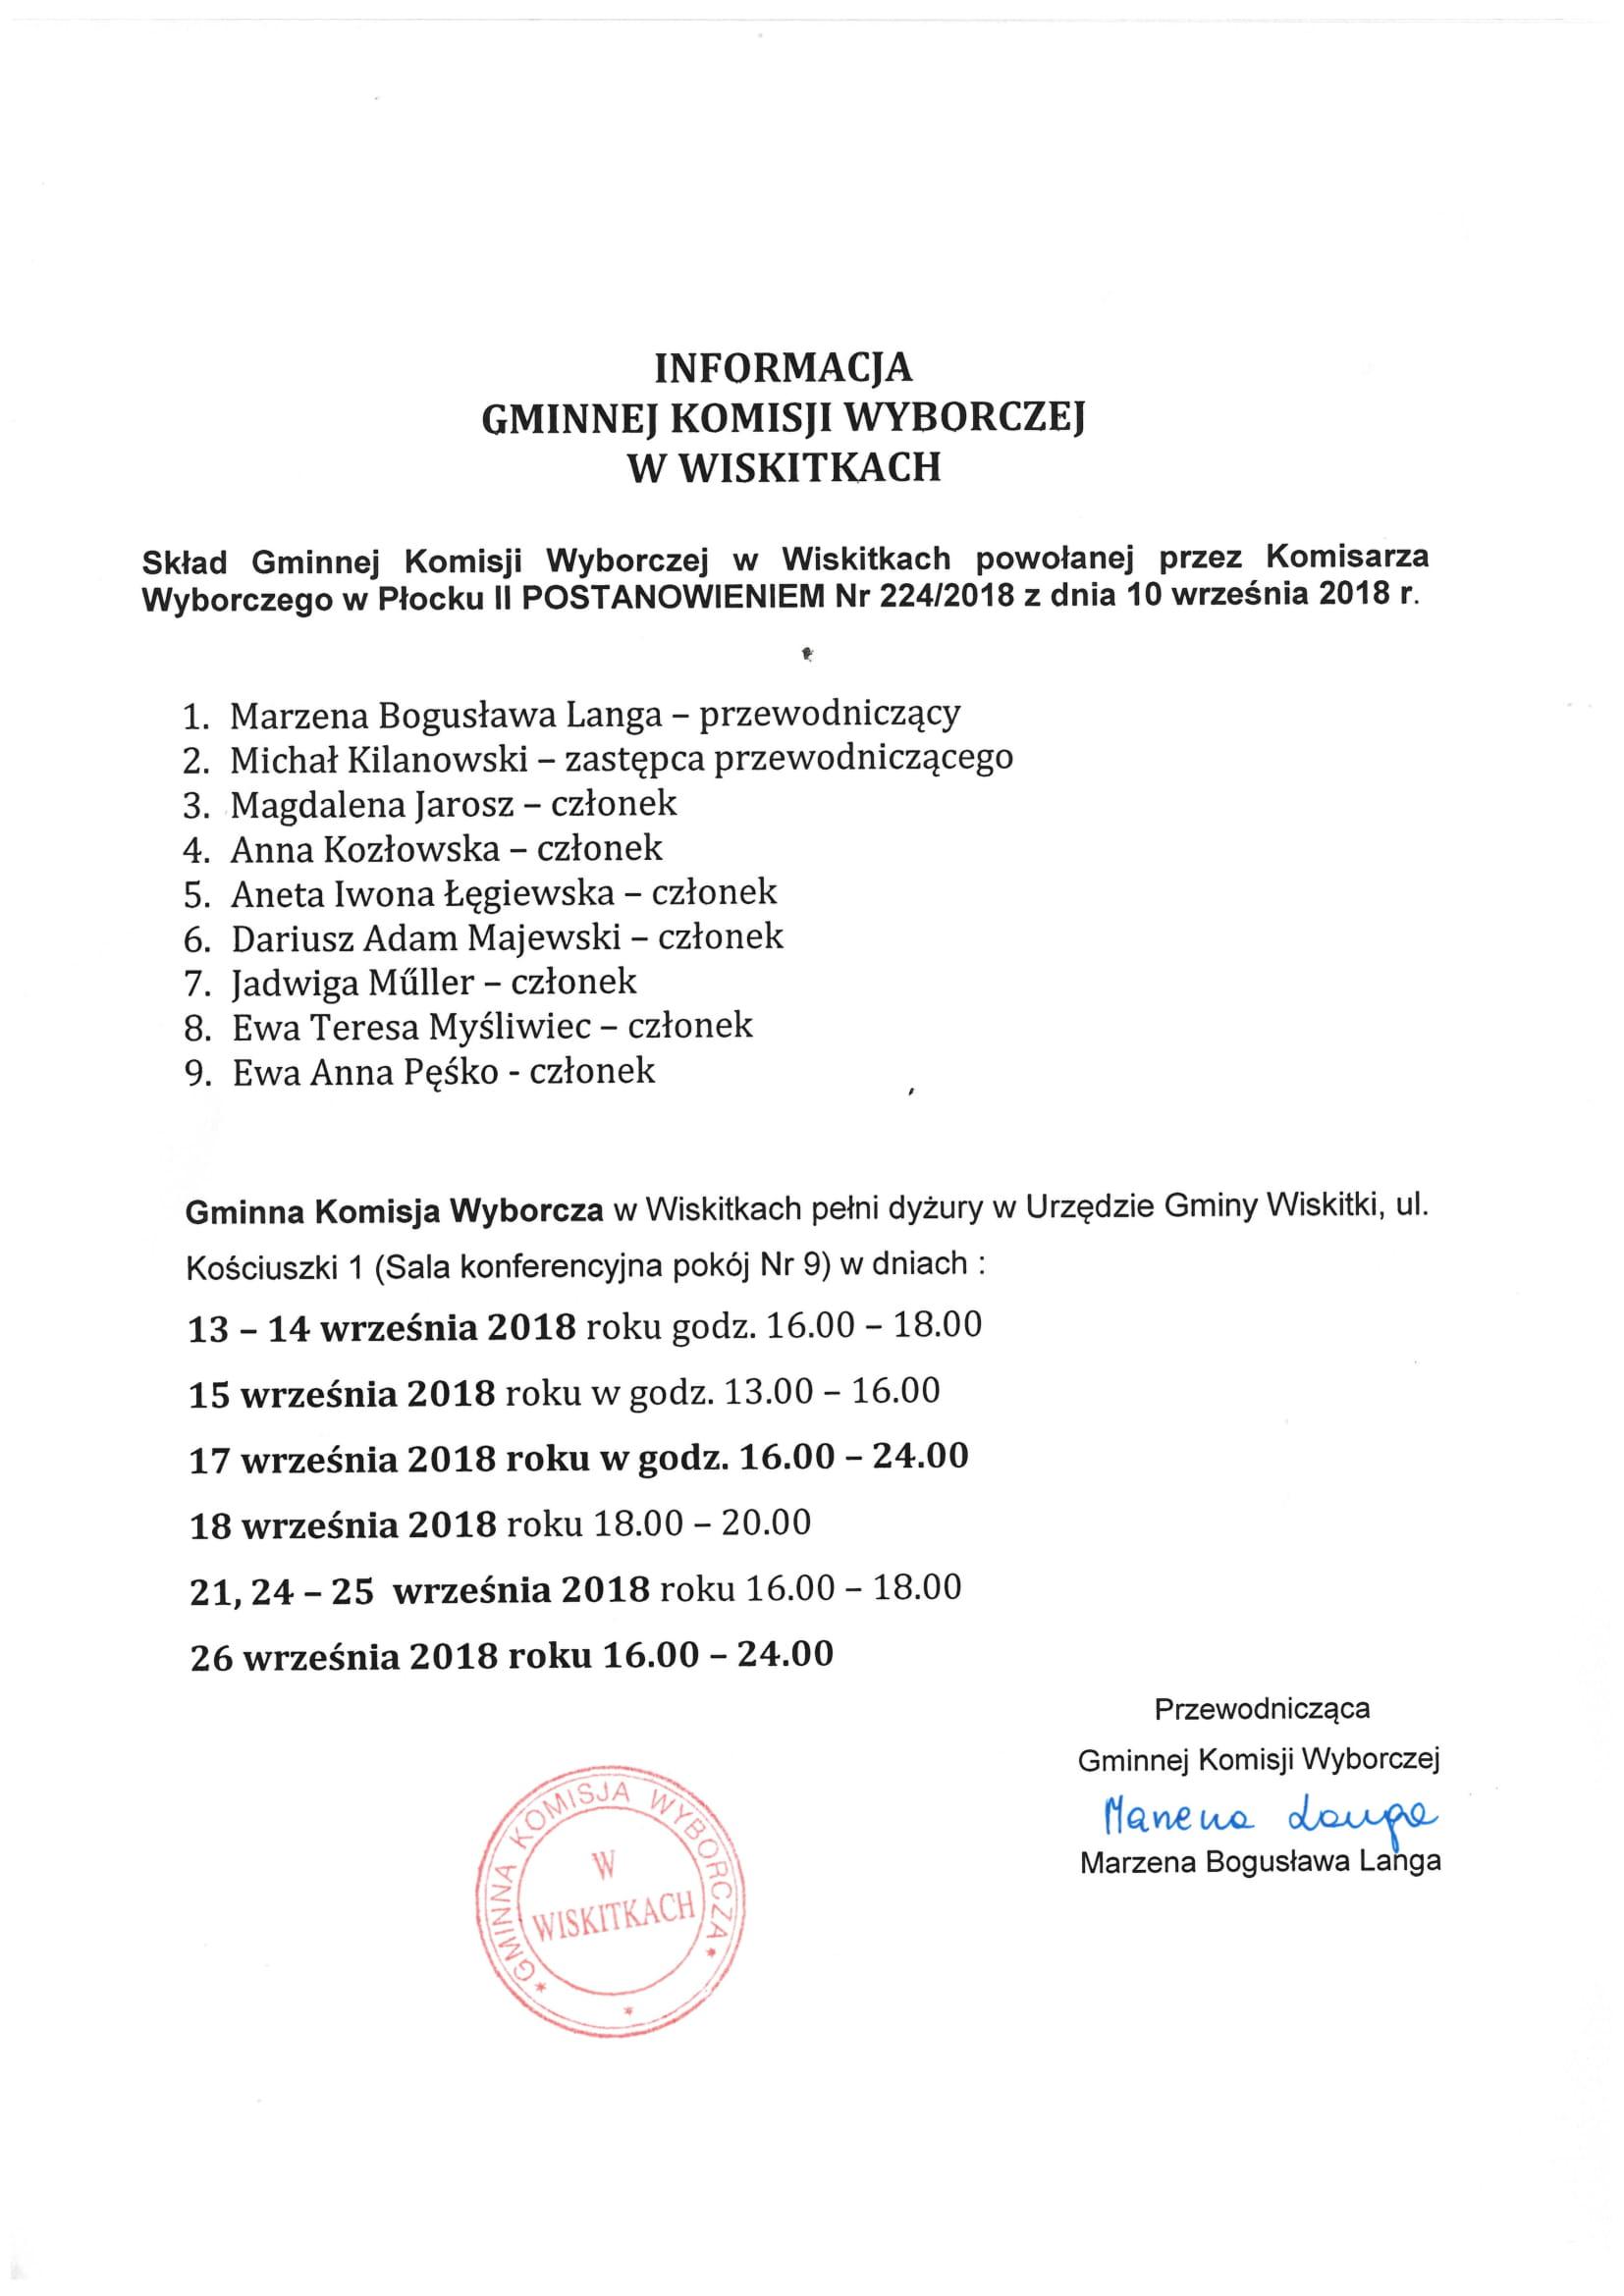 Informacja Gminnej Komisji Wyborczej w Wiskitkach dot. dyżurów-1